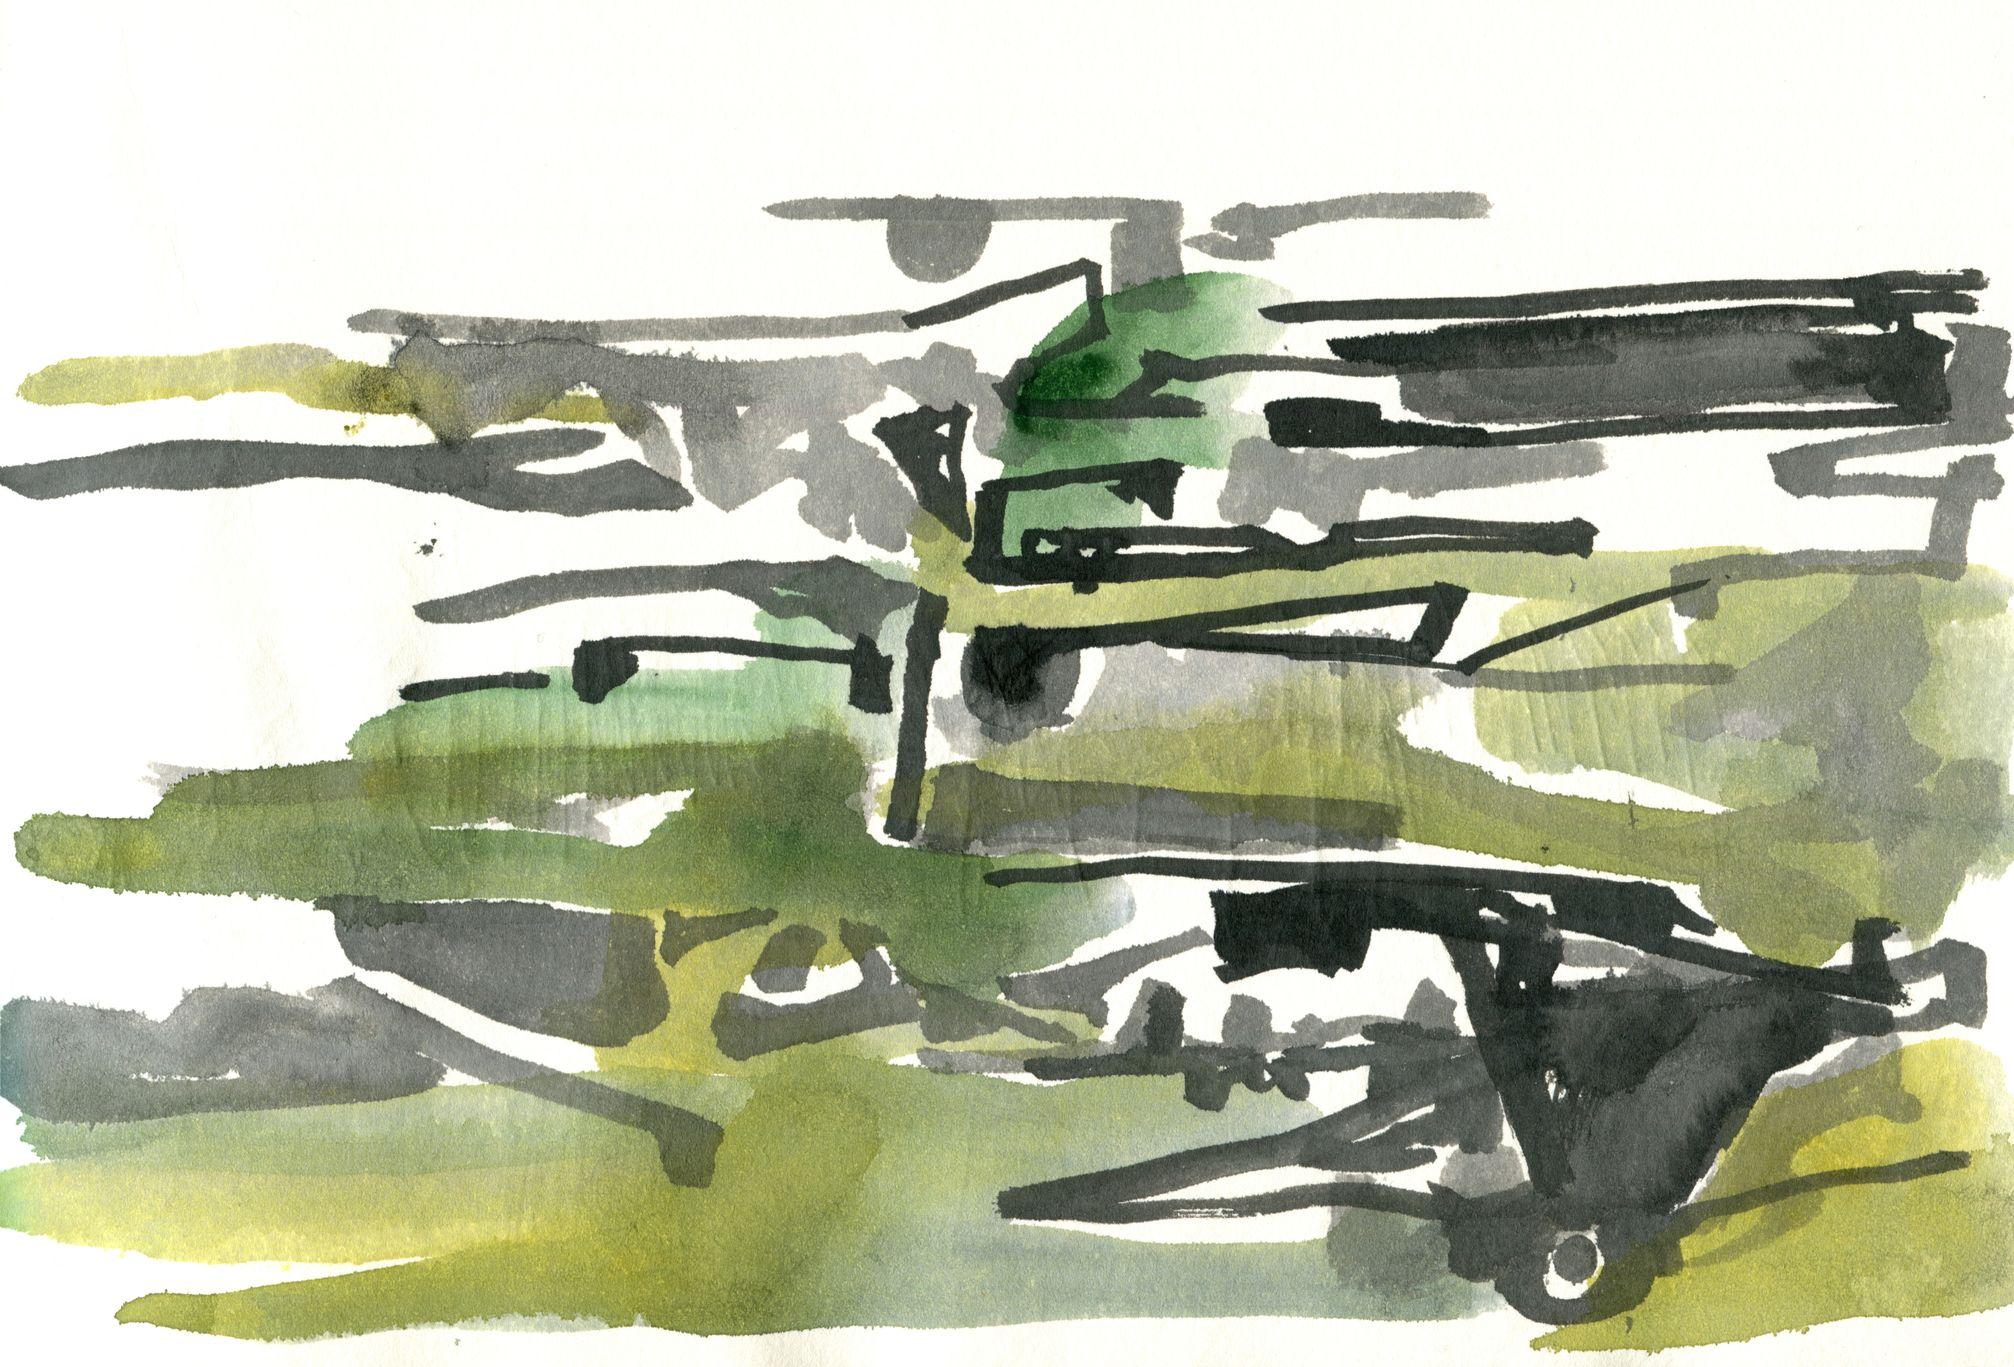 schrottplatz3